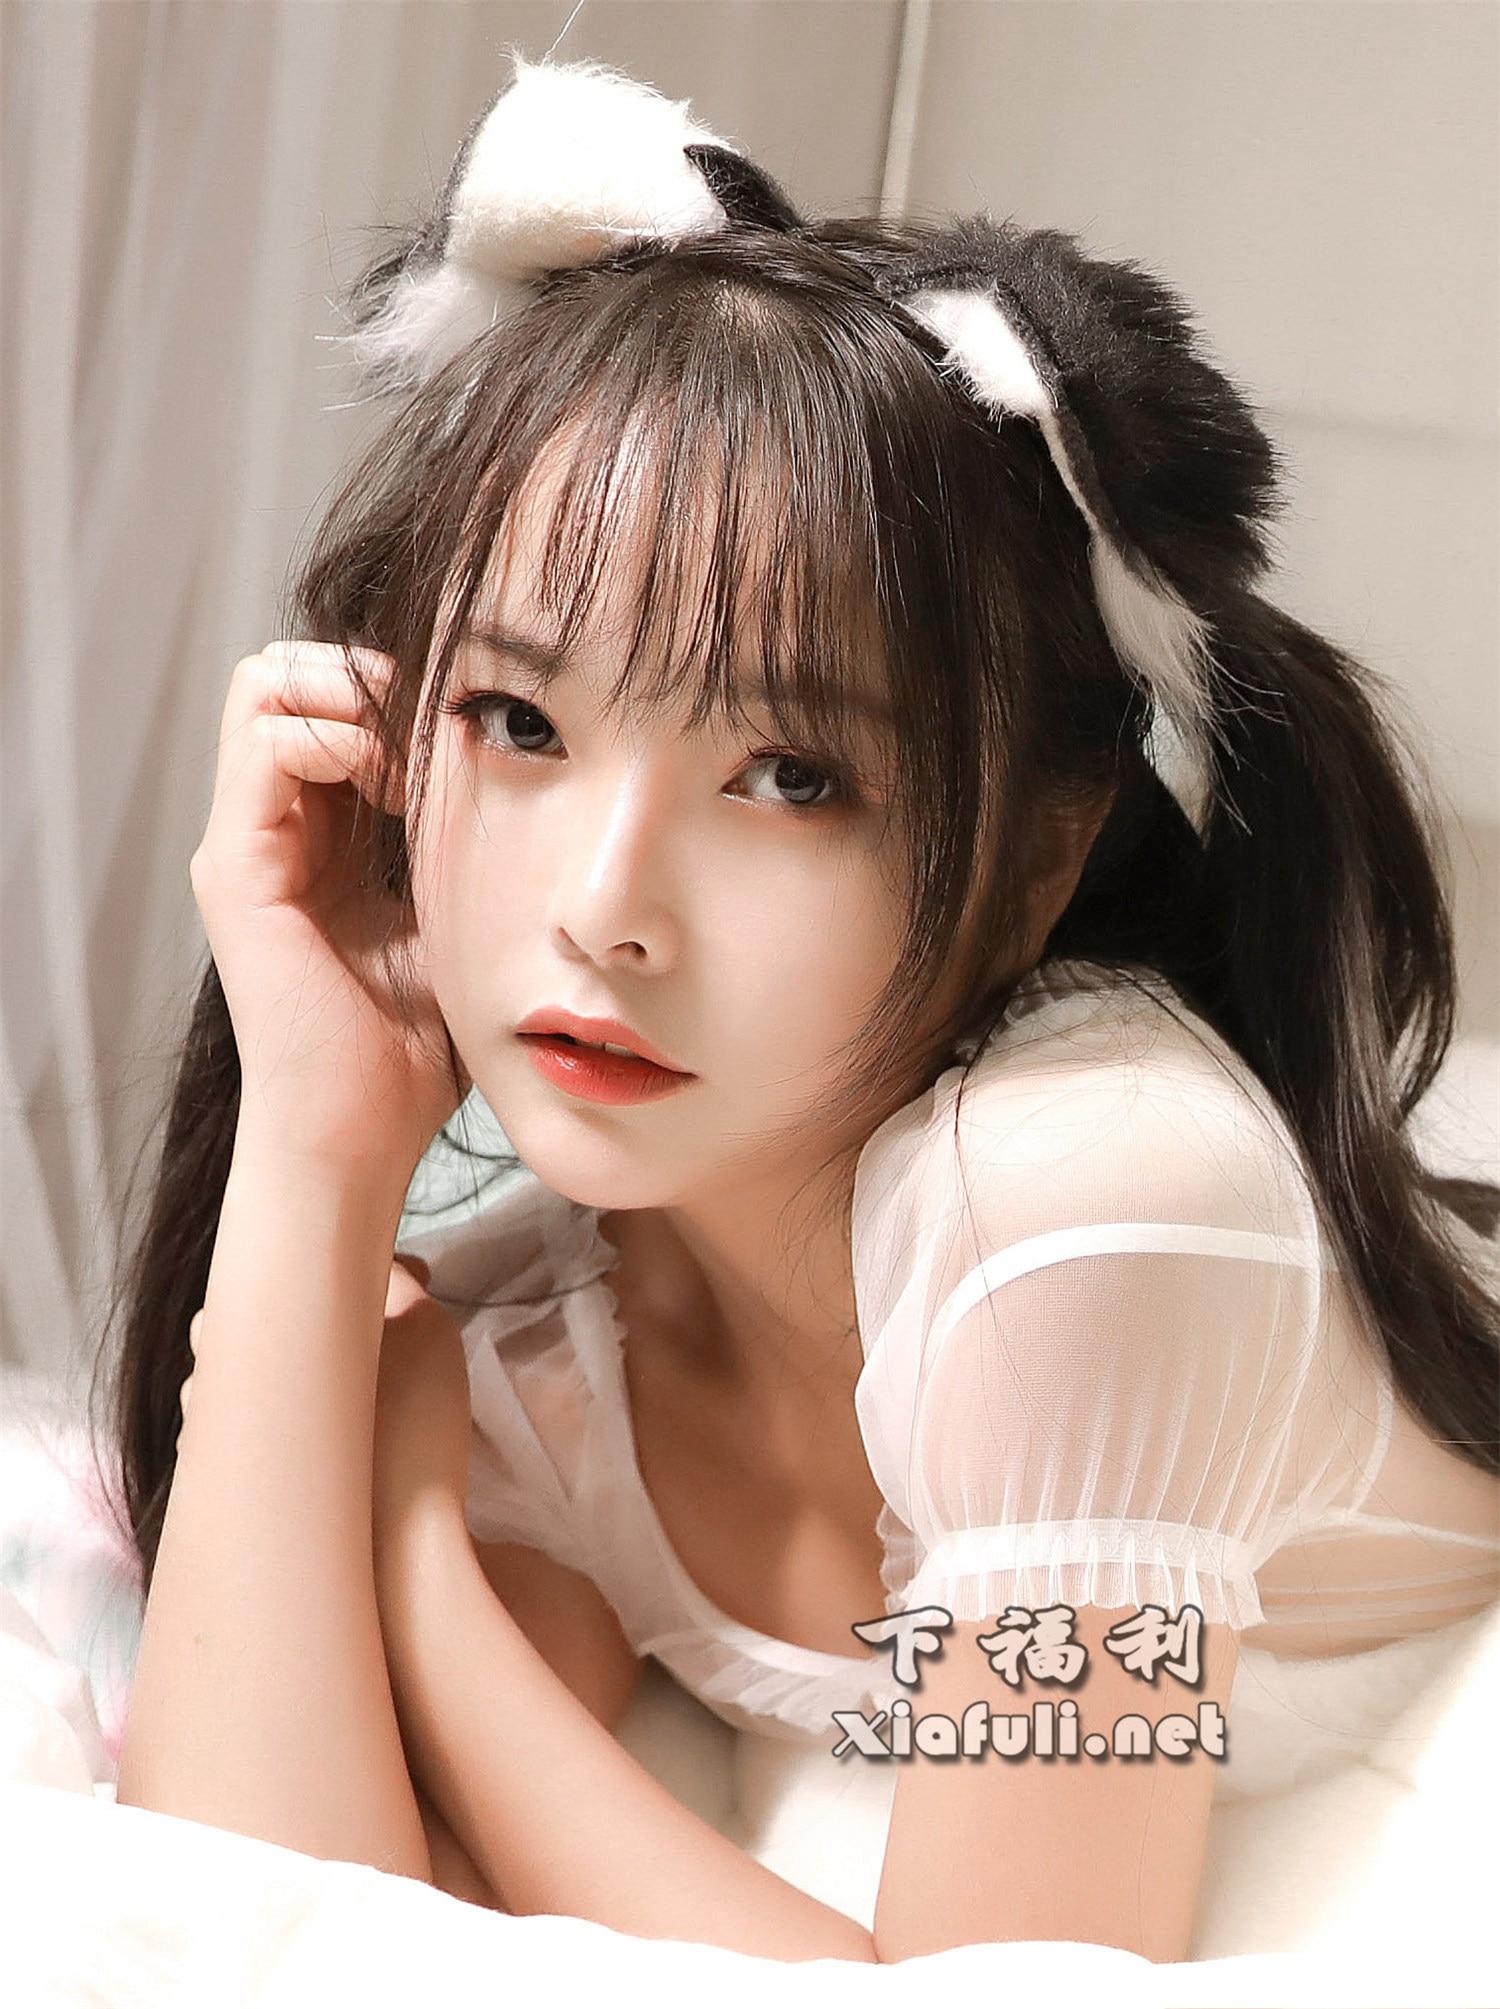 苏嫣嫣阿姨 NO.001 白色猫耳头饰 [10P-15MB]插图